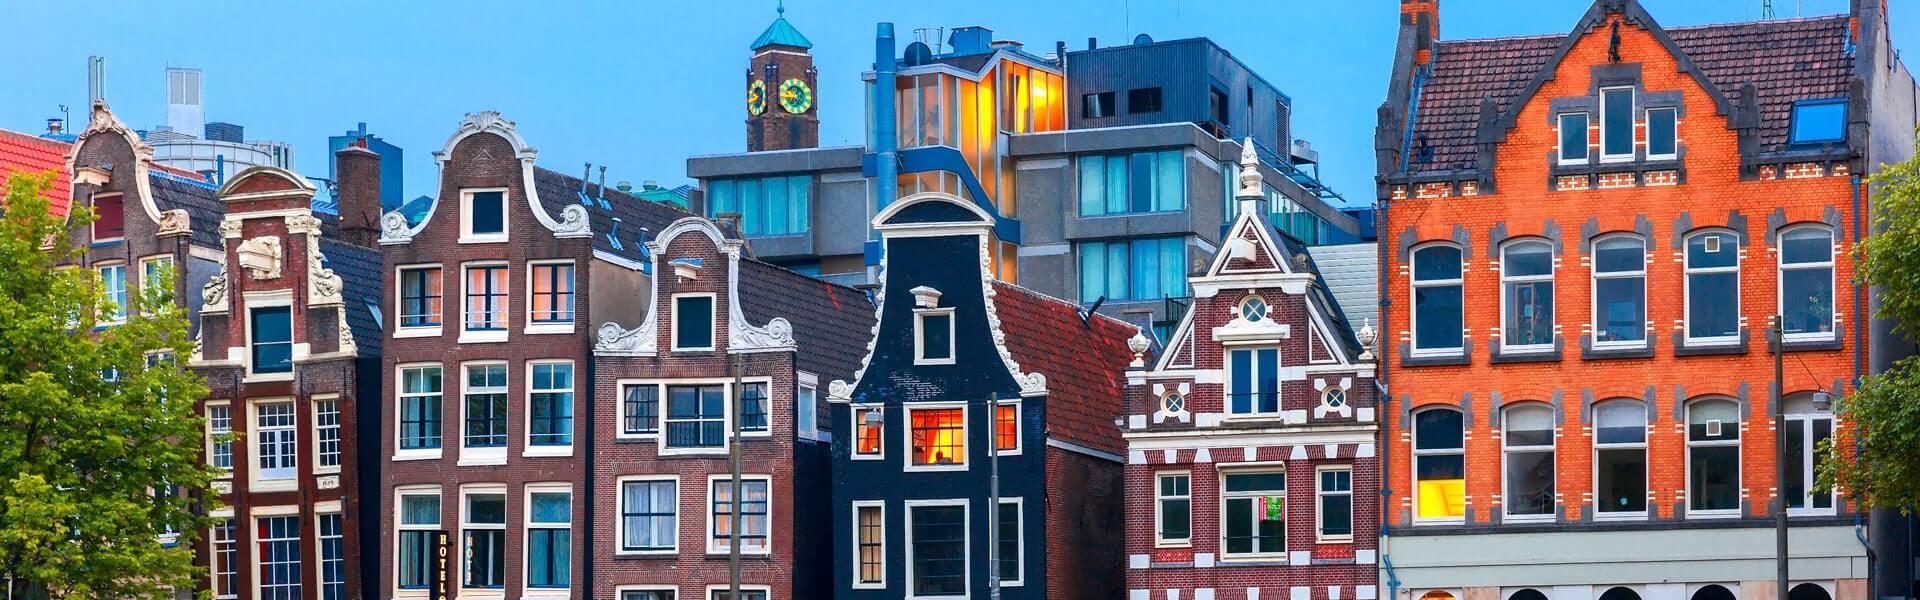 Die Amsterdamer Altstadt bei Ihrer Betriebsfahrt besichtigen